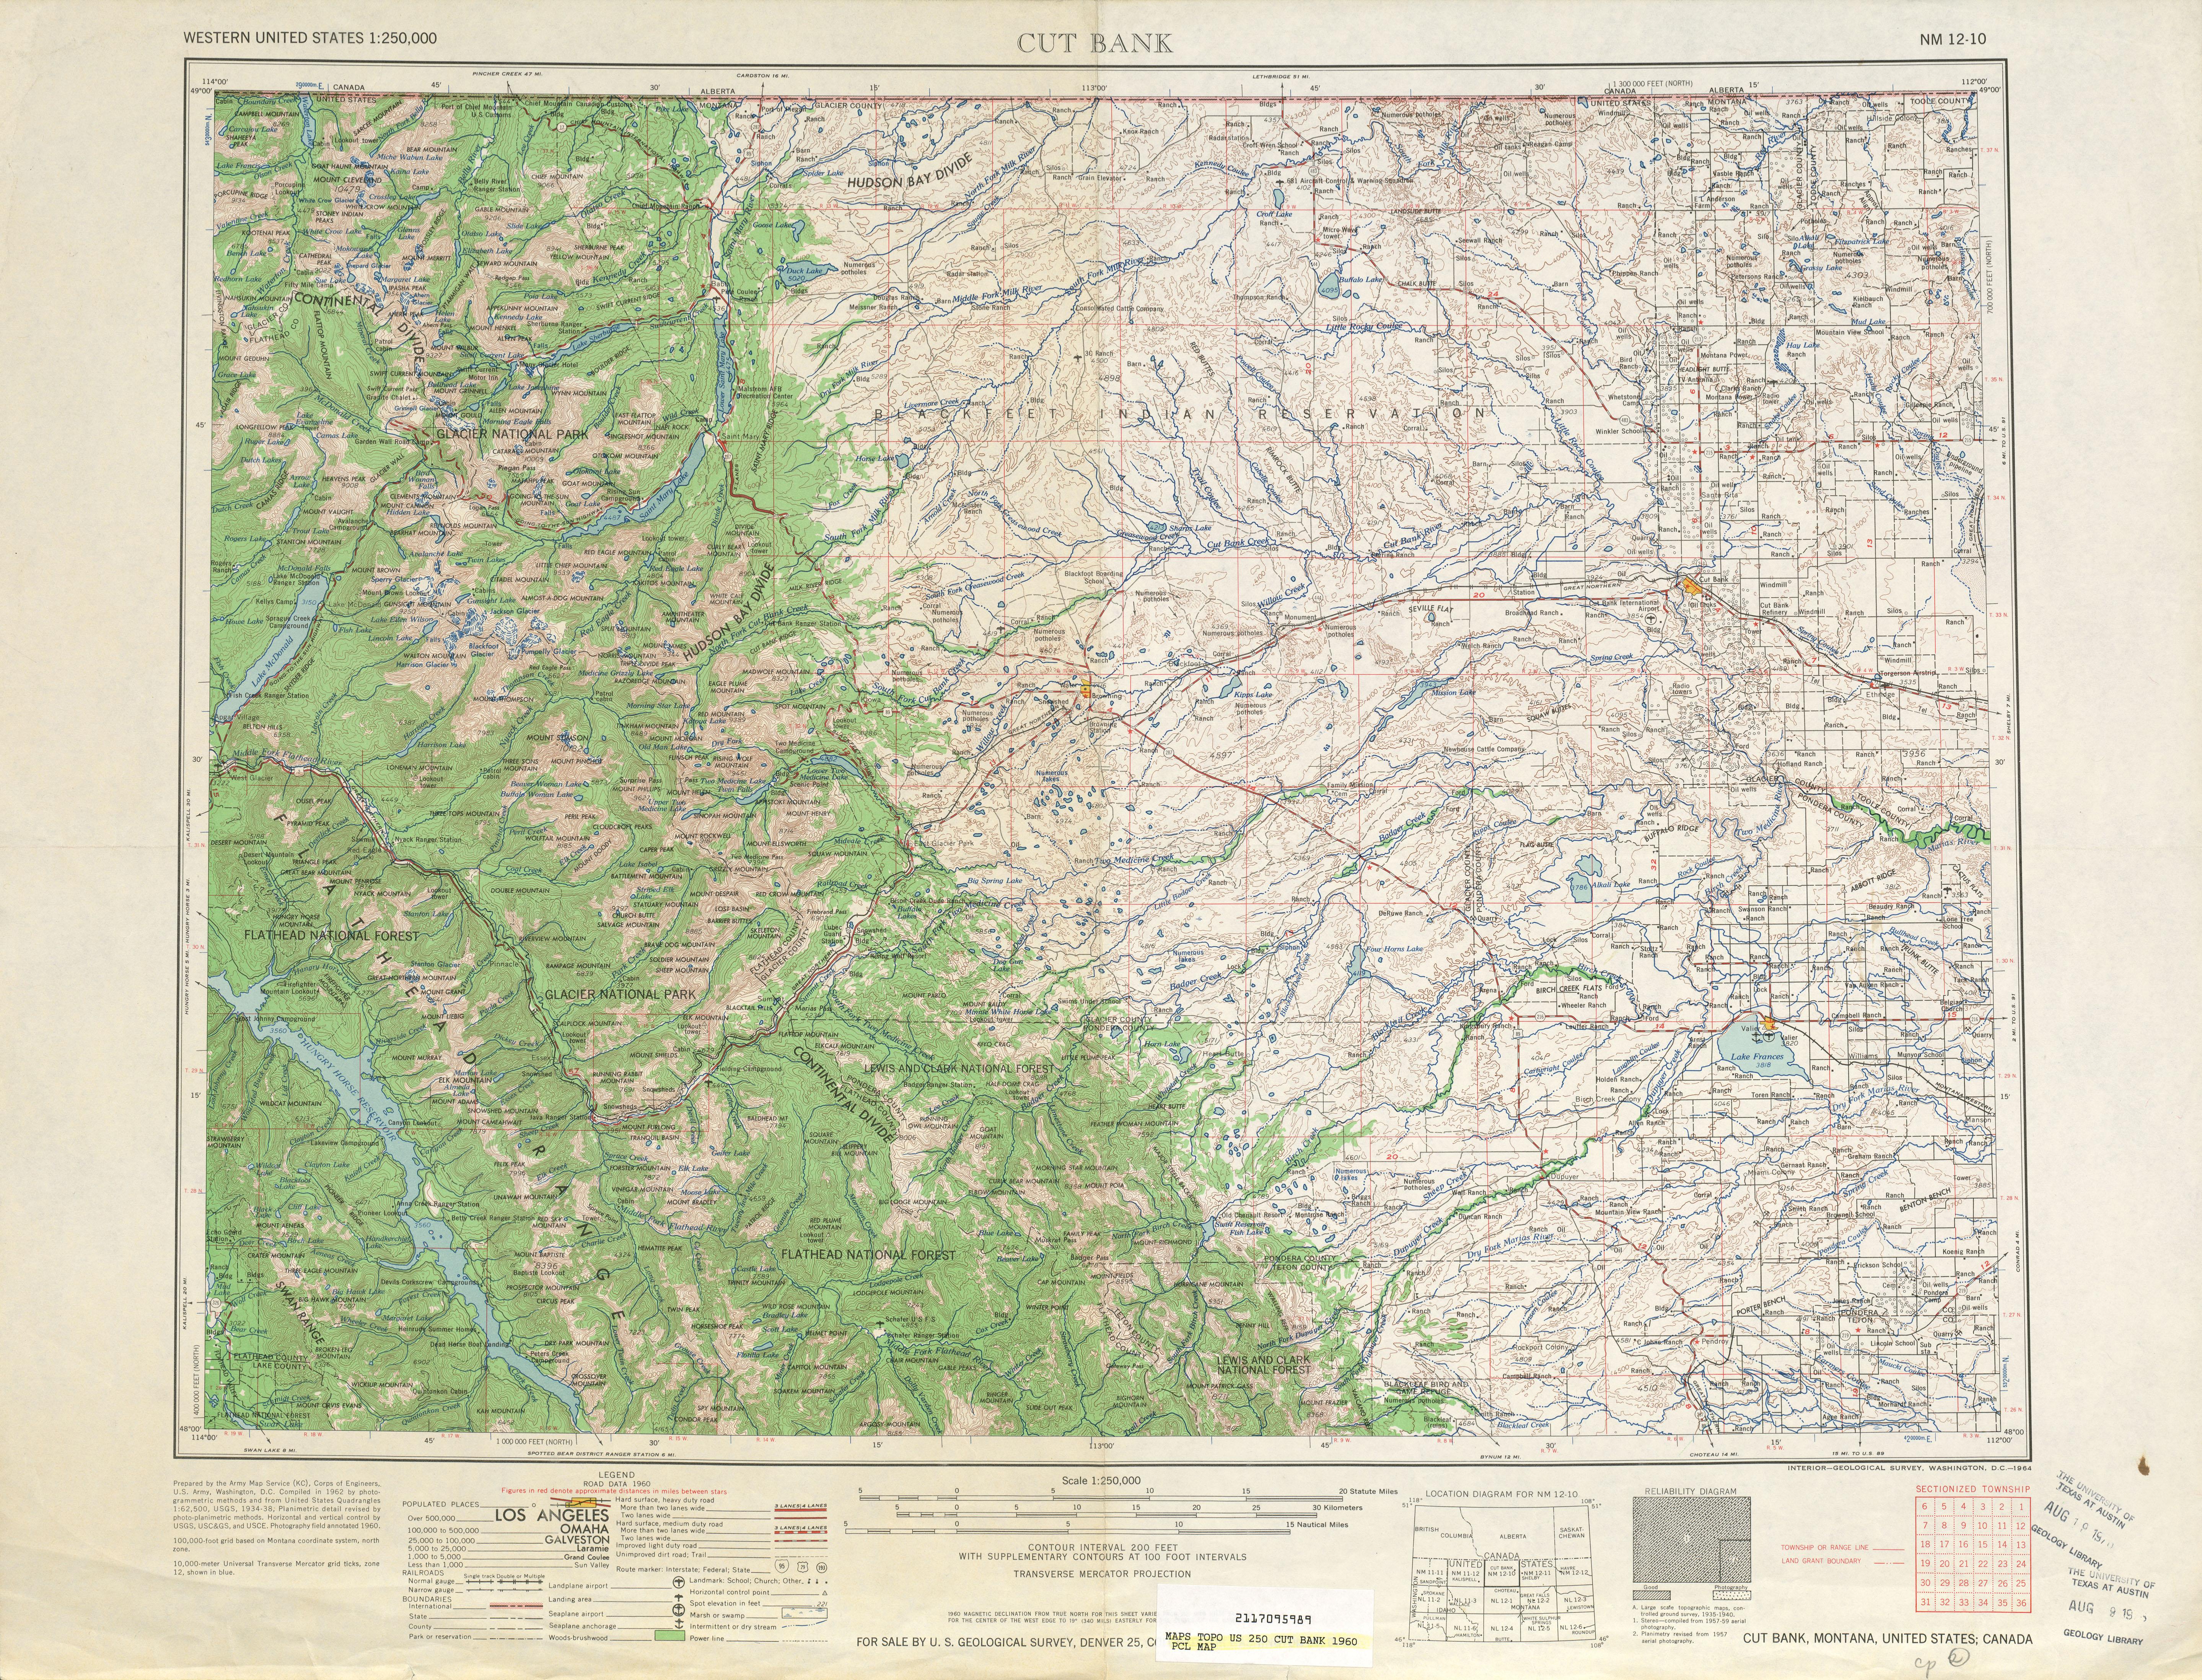 Hoja Cut Bank del Mapa Topográfico de los Estados Unidos 1960